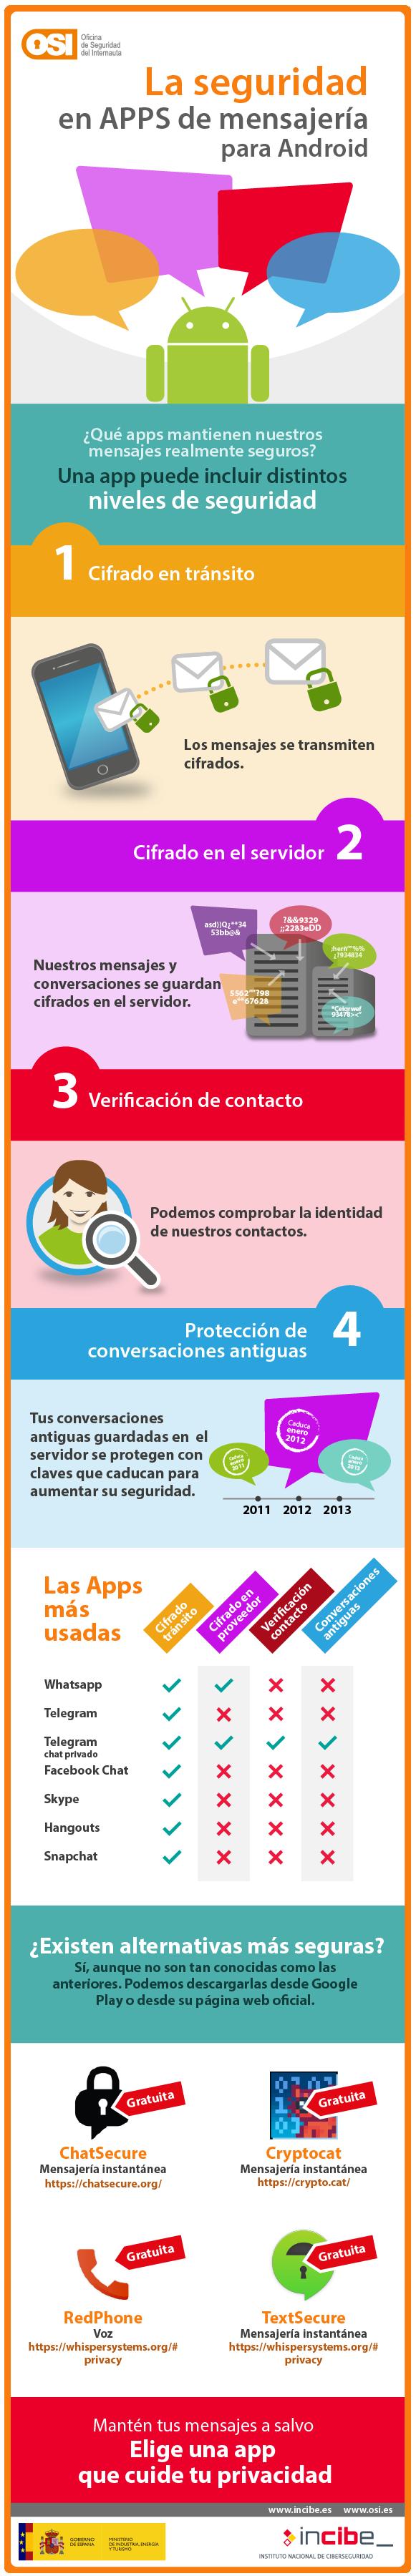 La Seguridad de las APPs de mensajería (para Android)